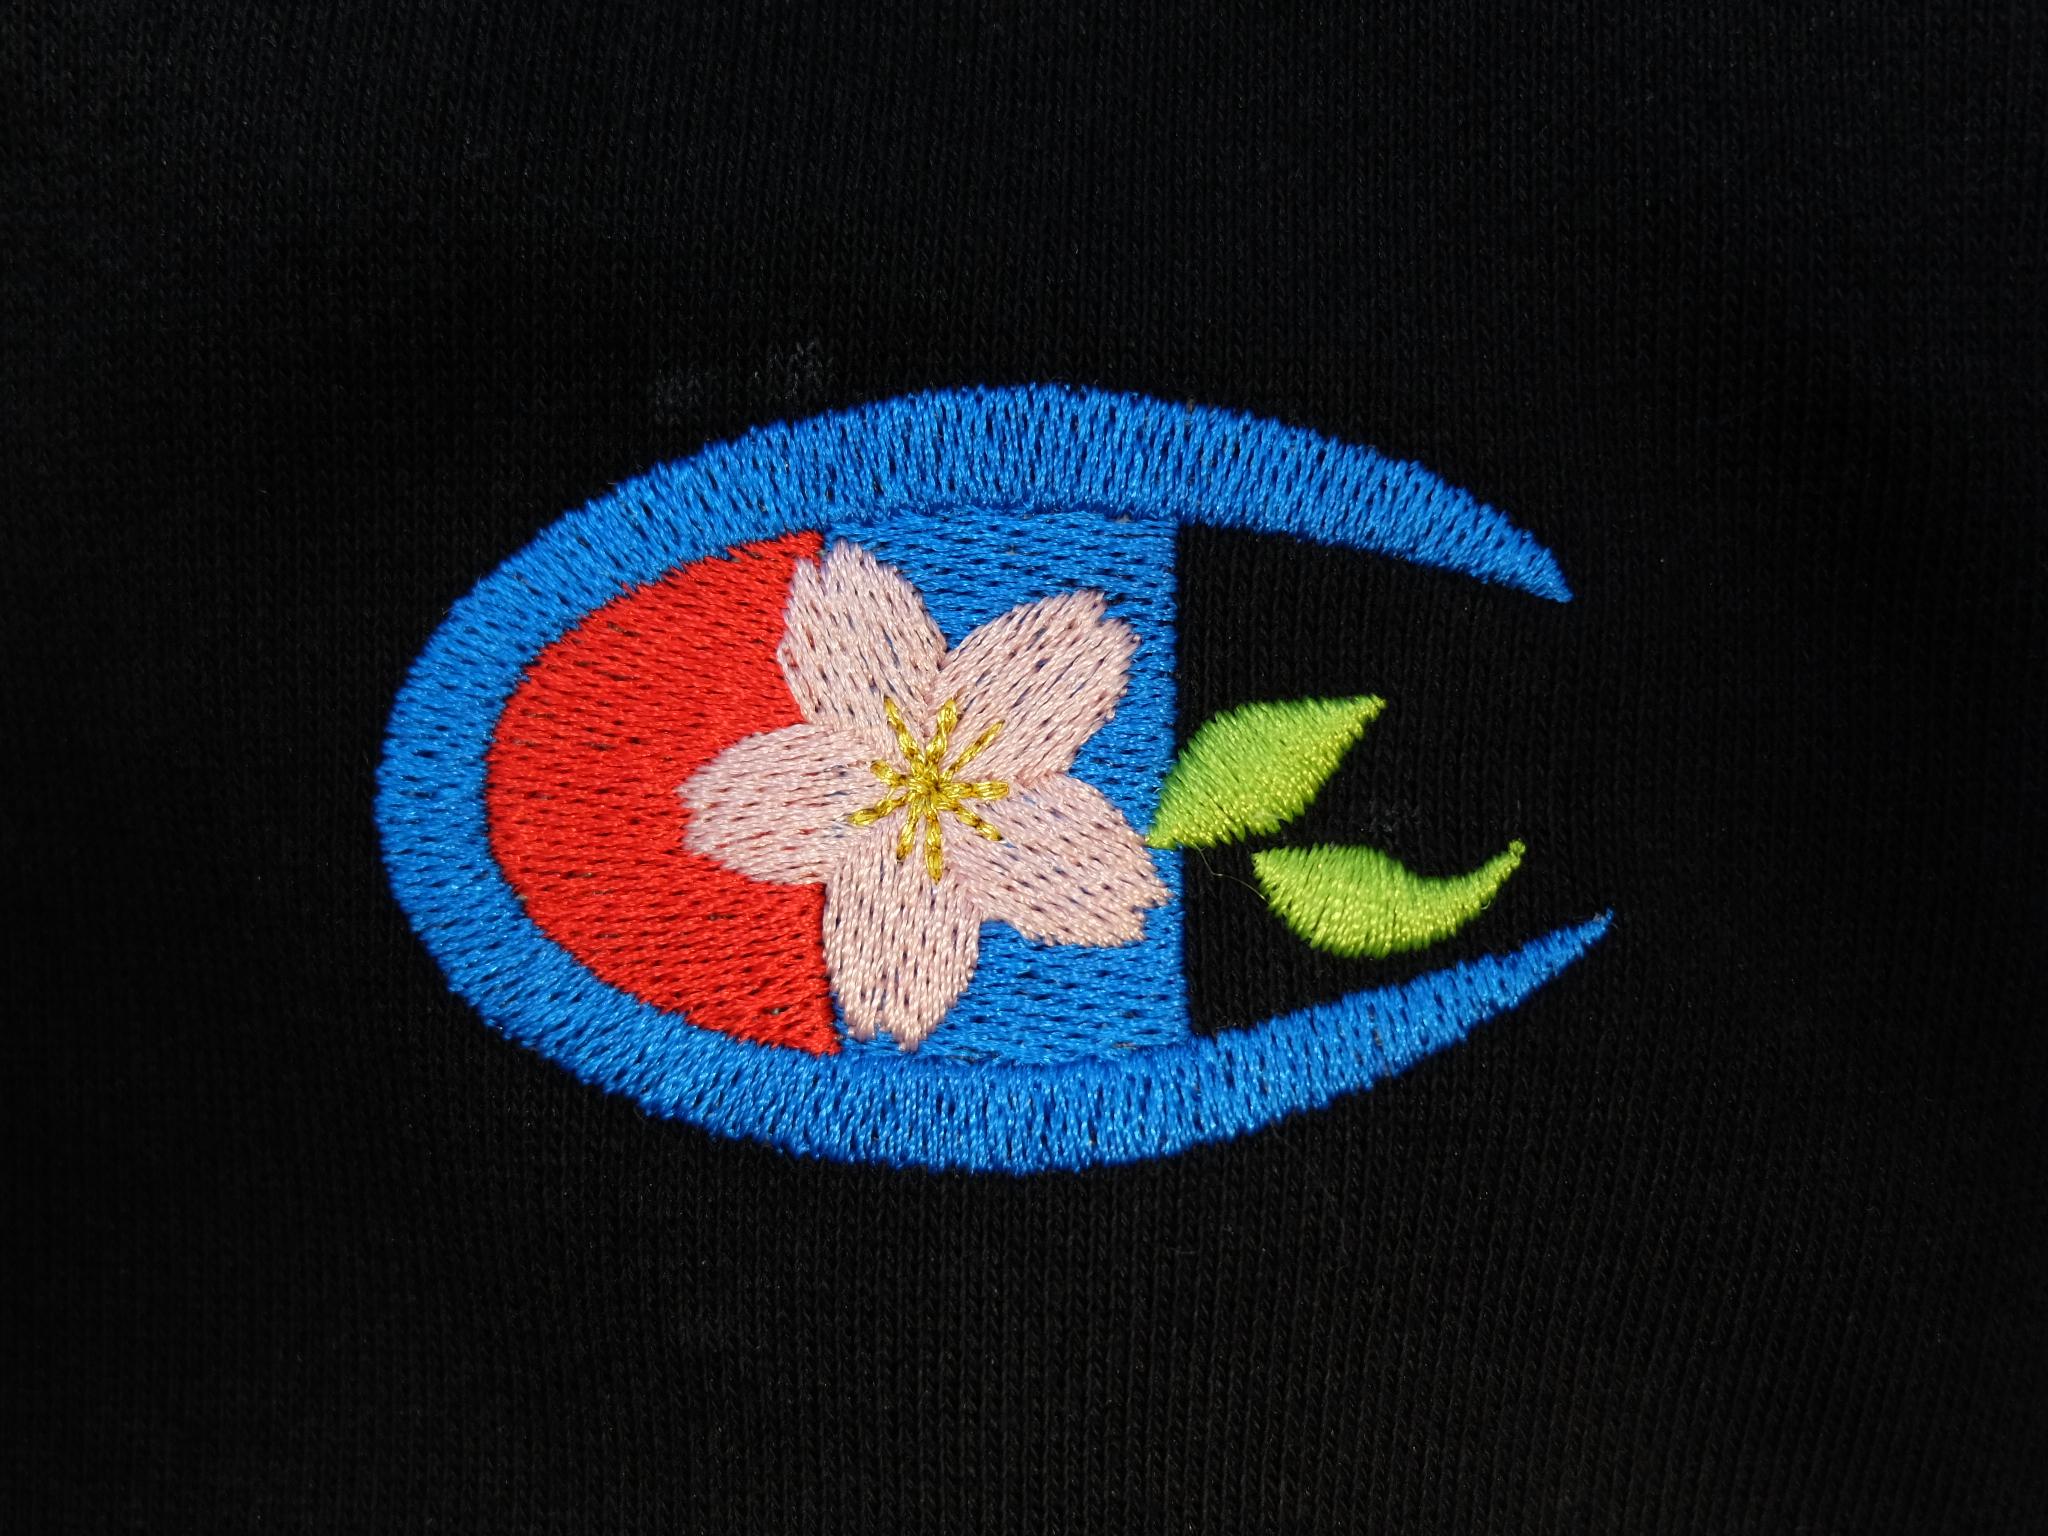 ロゴ刺繍 桜 チャンピオン 誕生日プレゼント